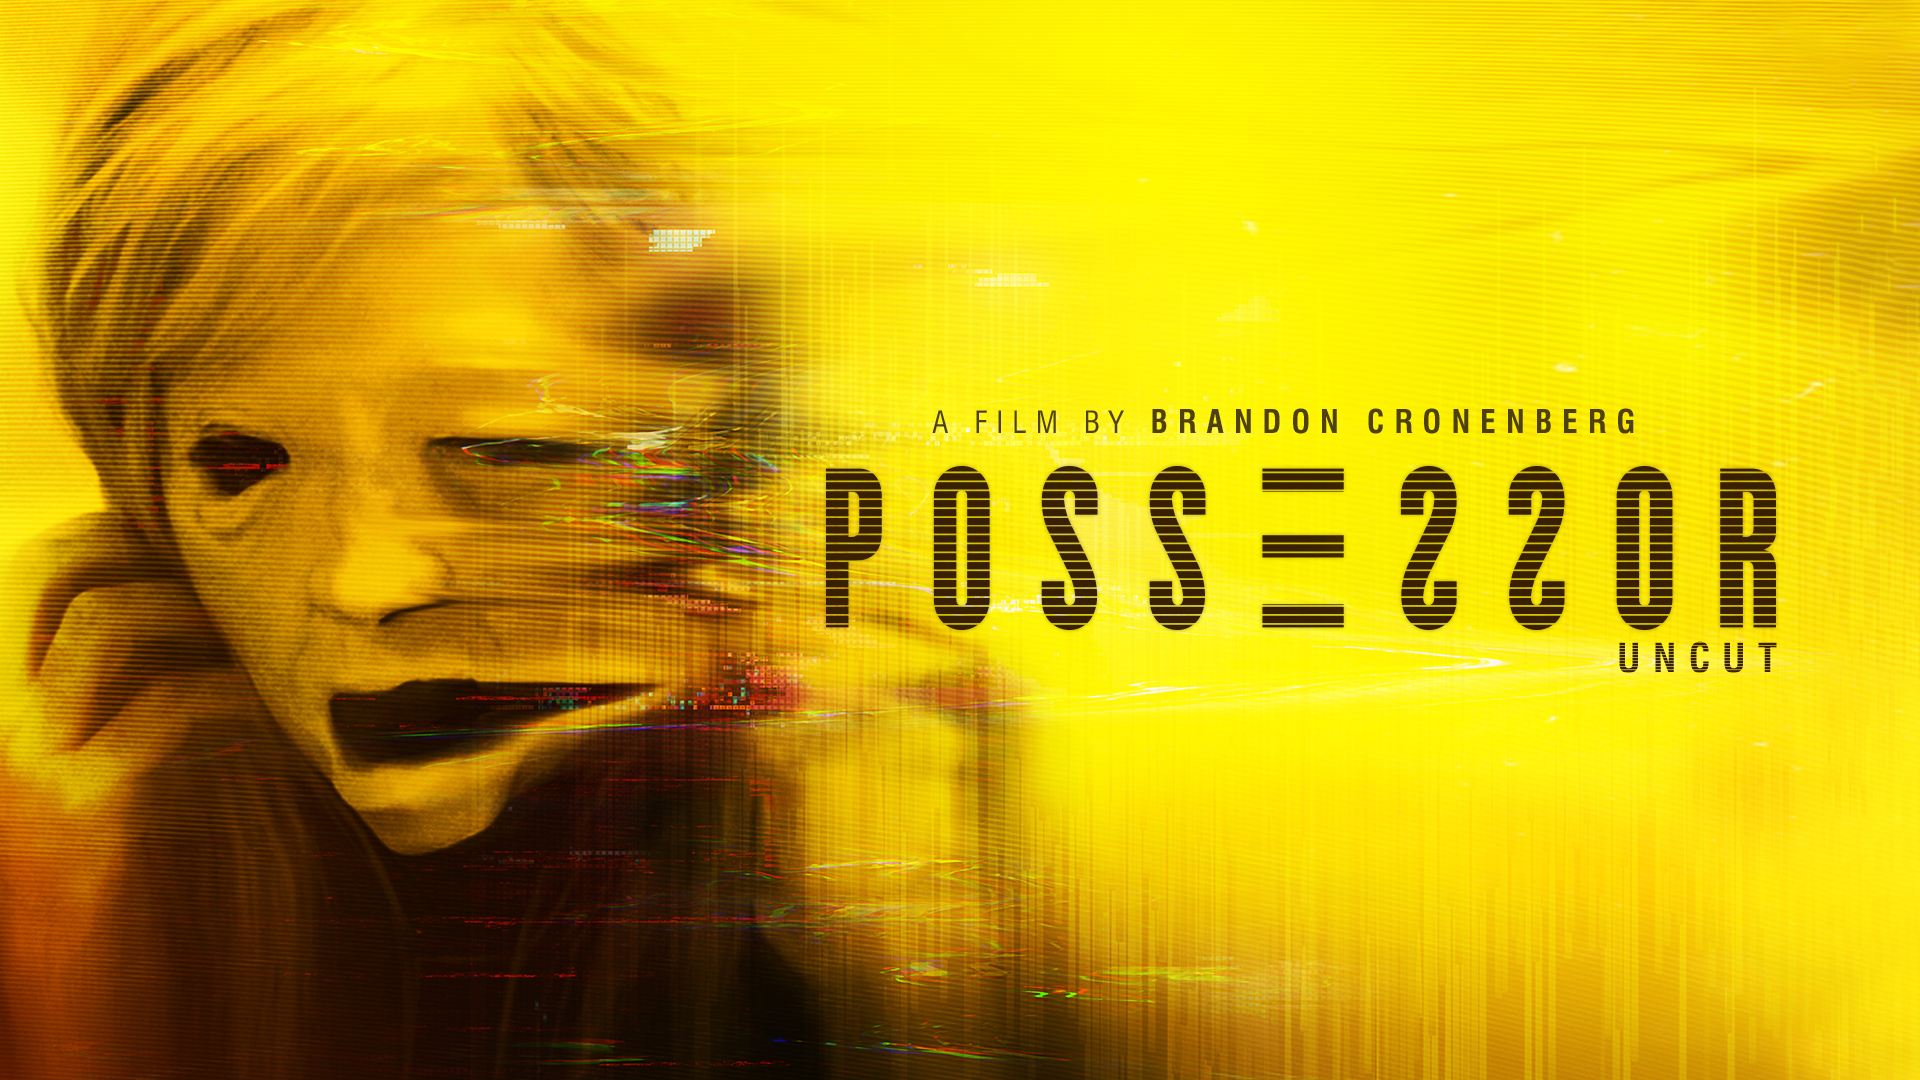 possessor8